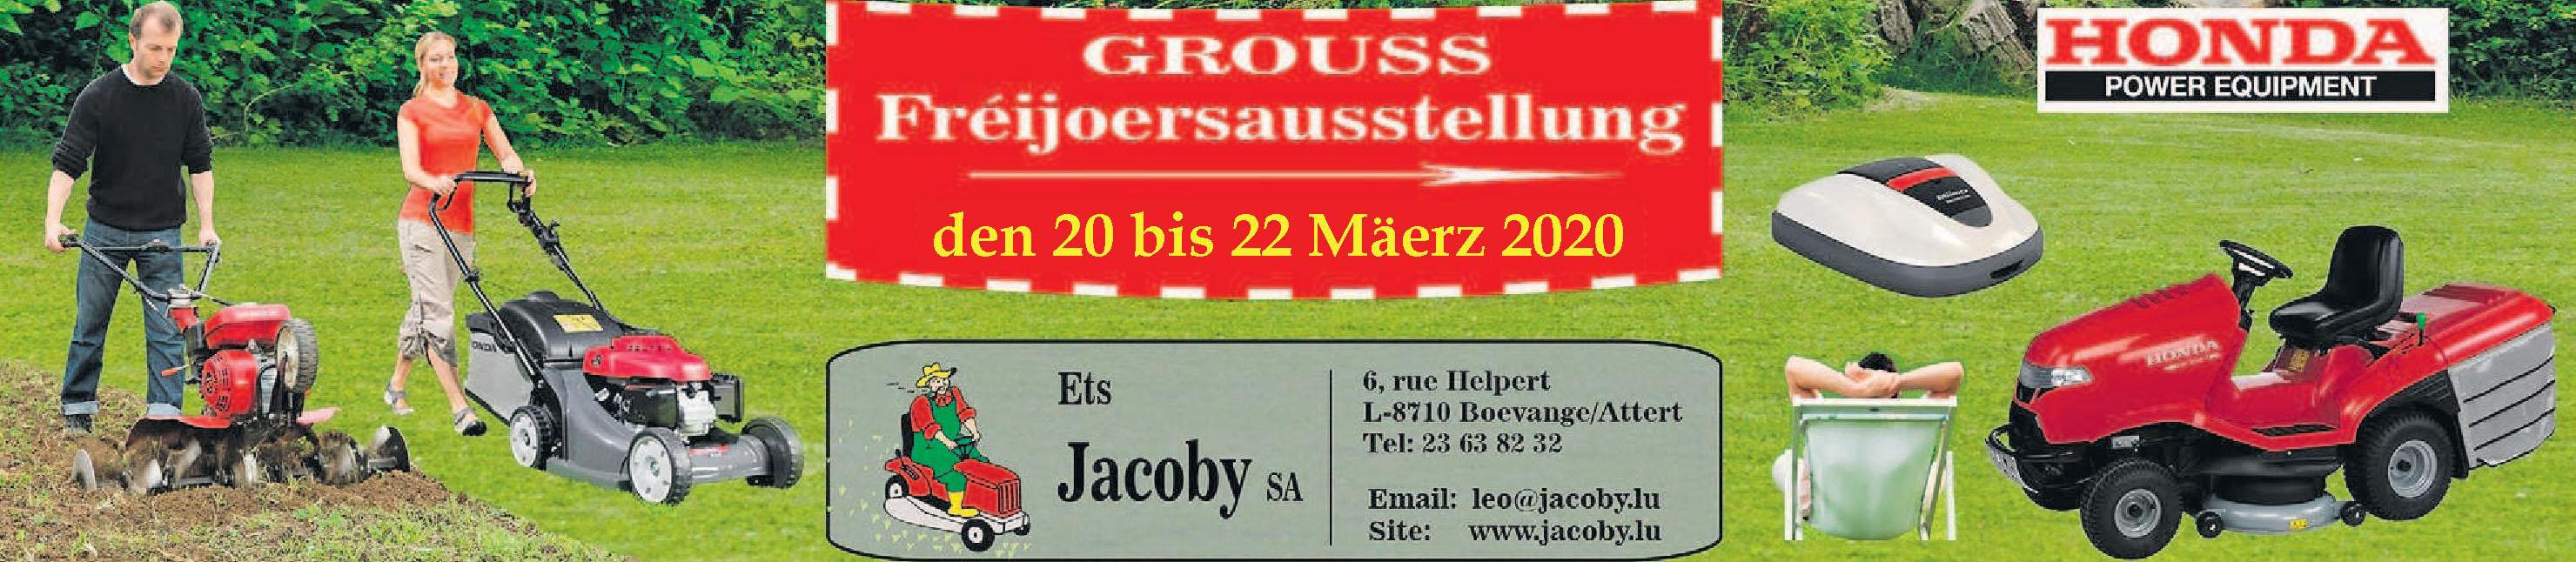 Ets Jacoby SA